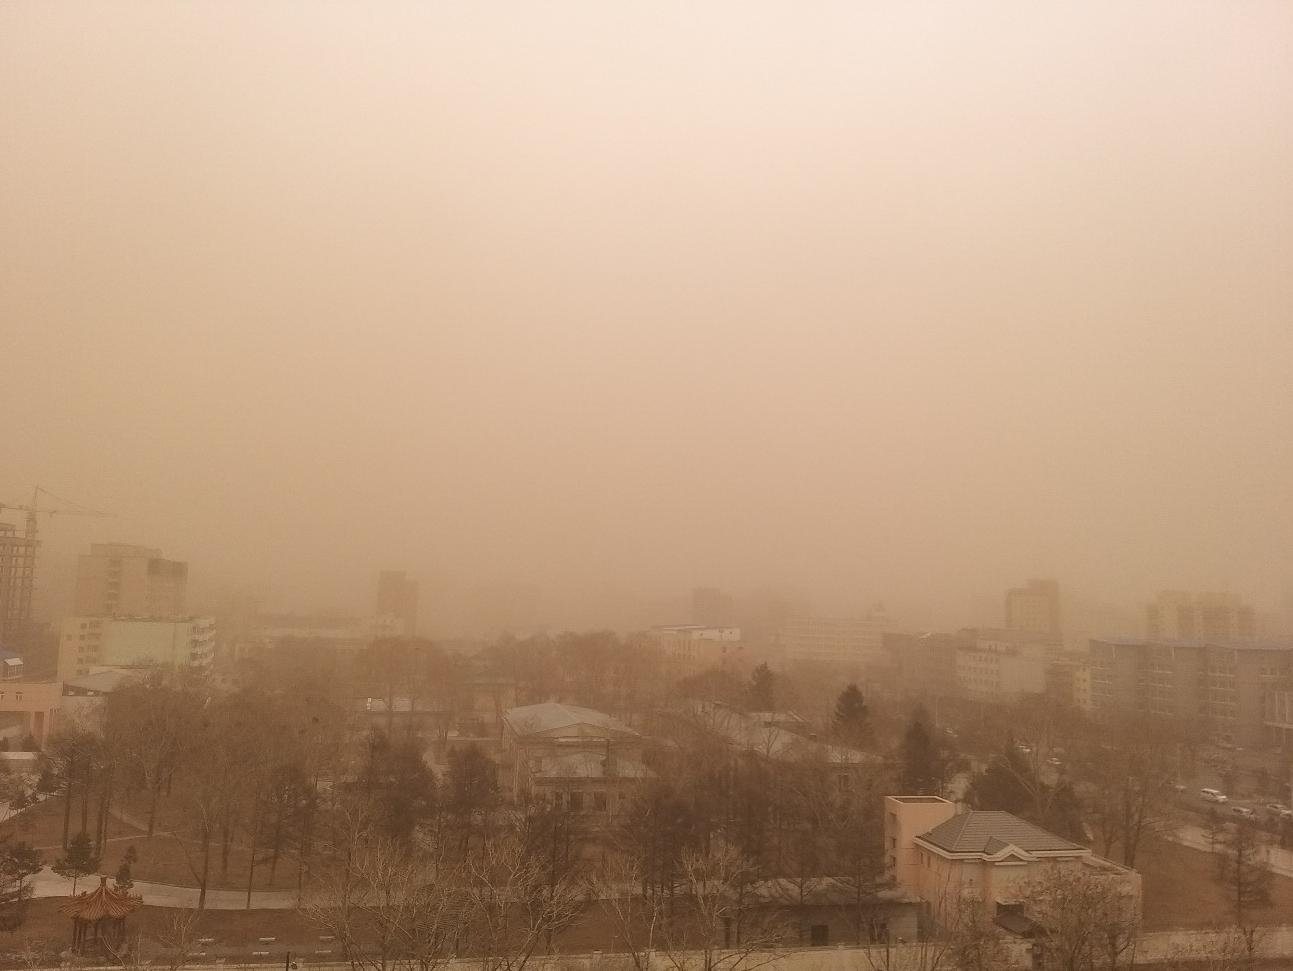 蒙古国中戈壁省近期强沙尘暴天气致16万头牲畜死